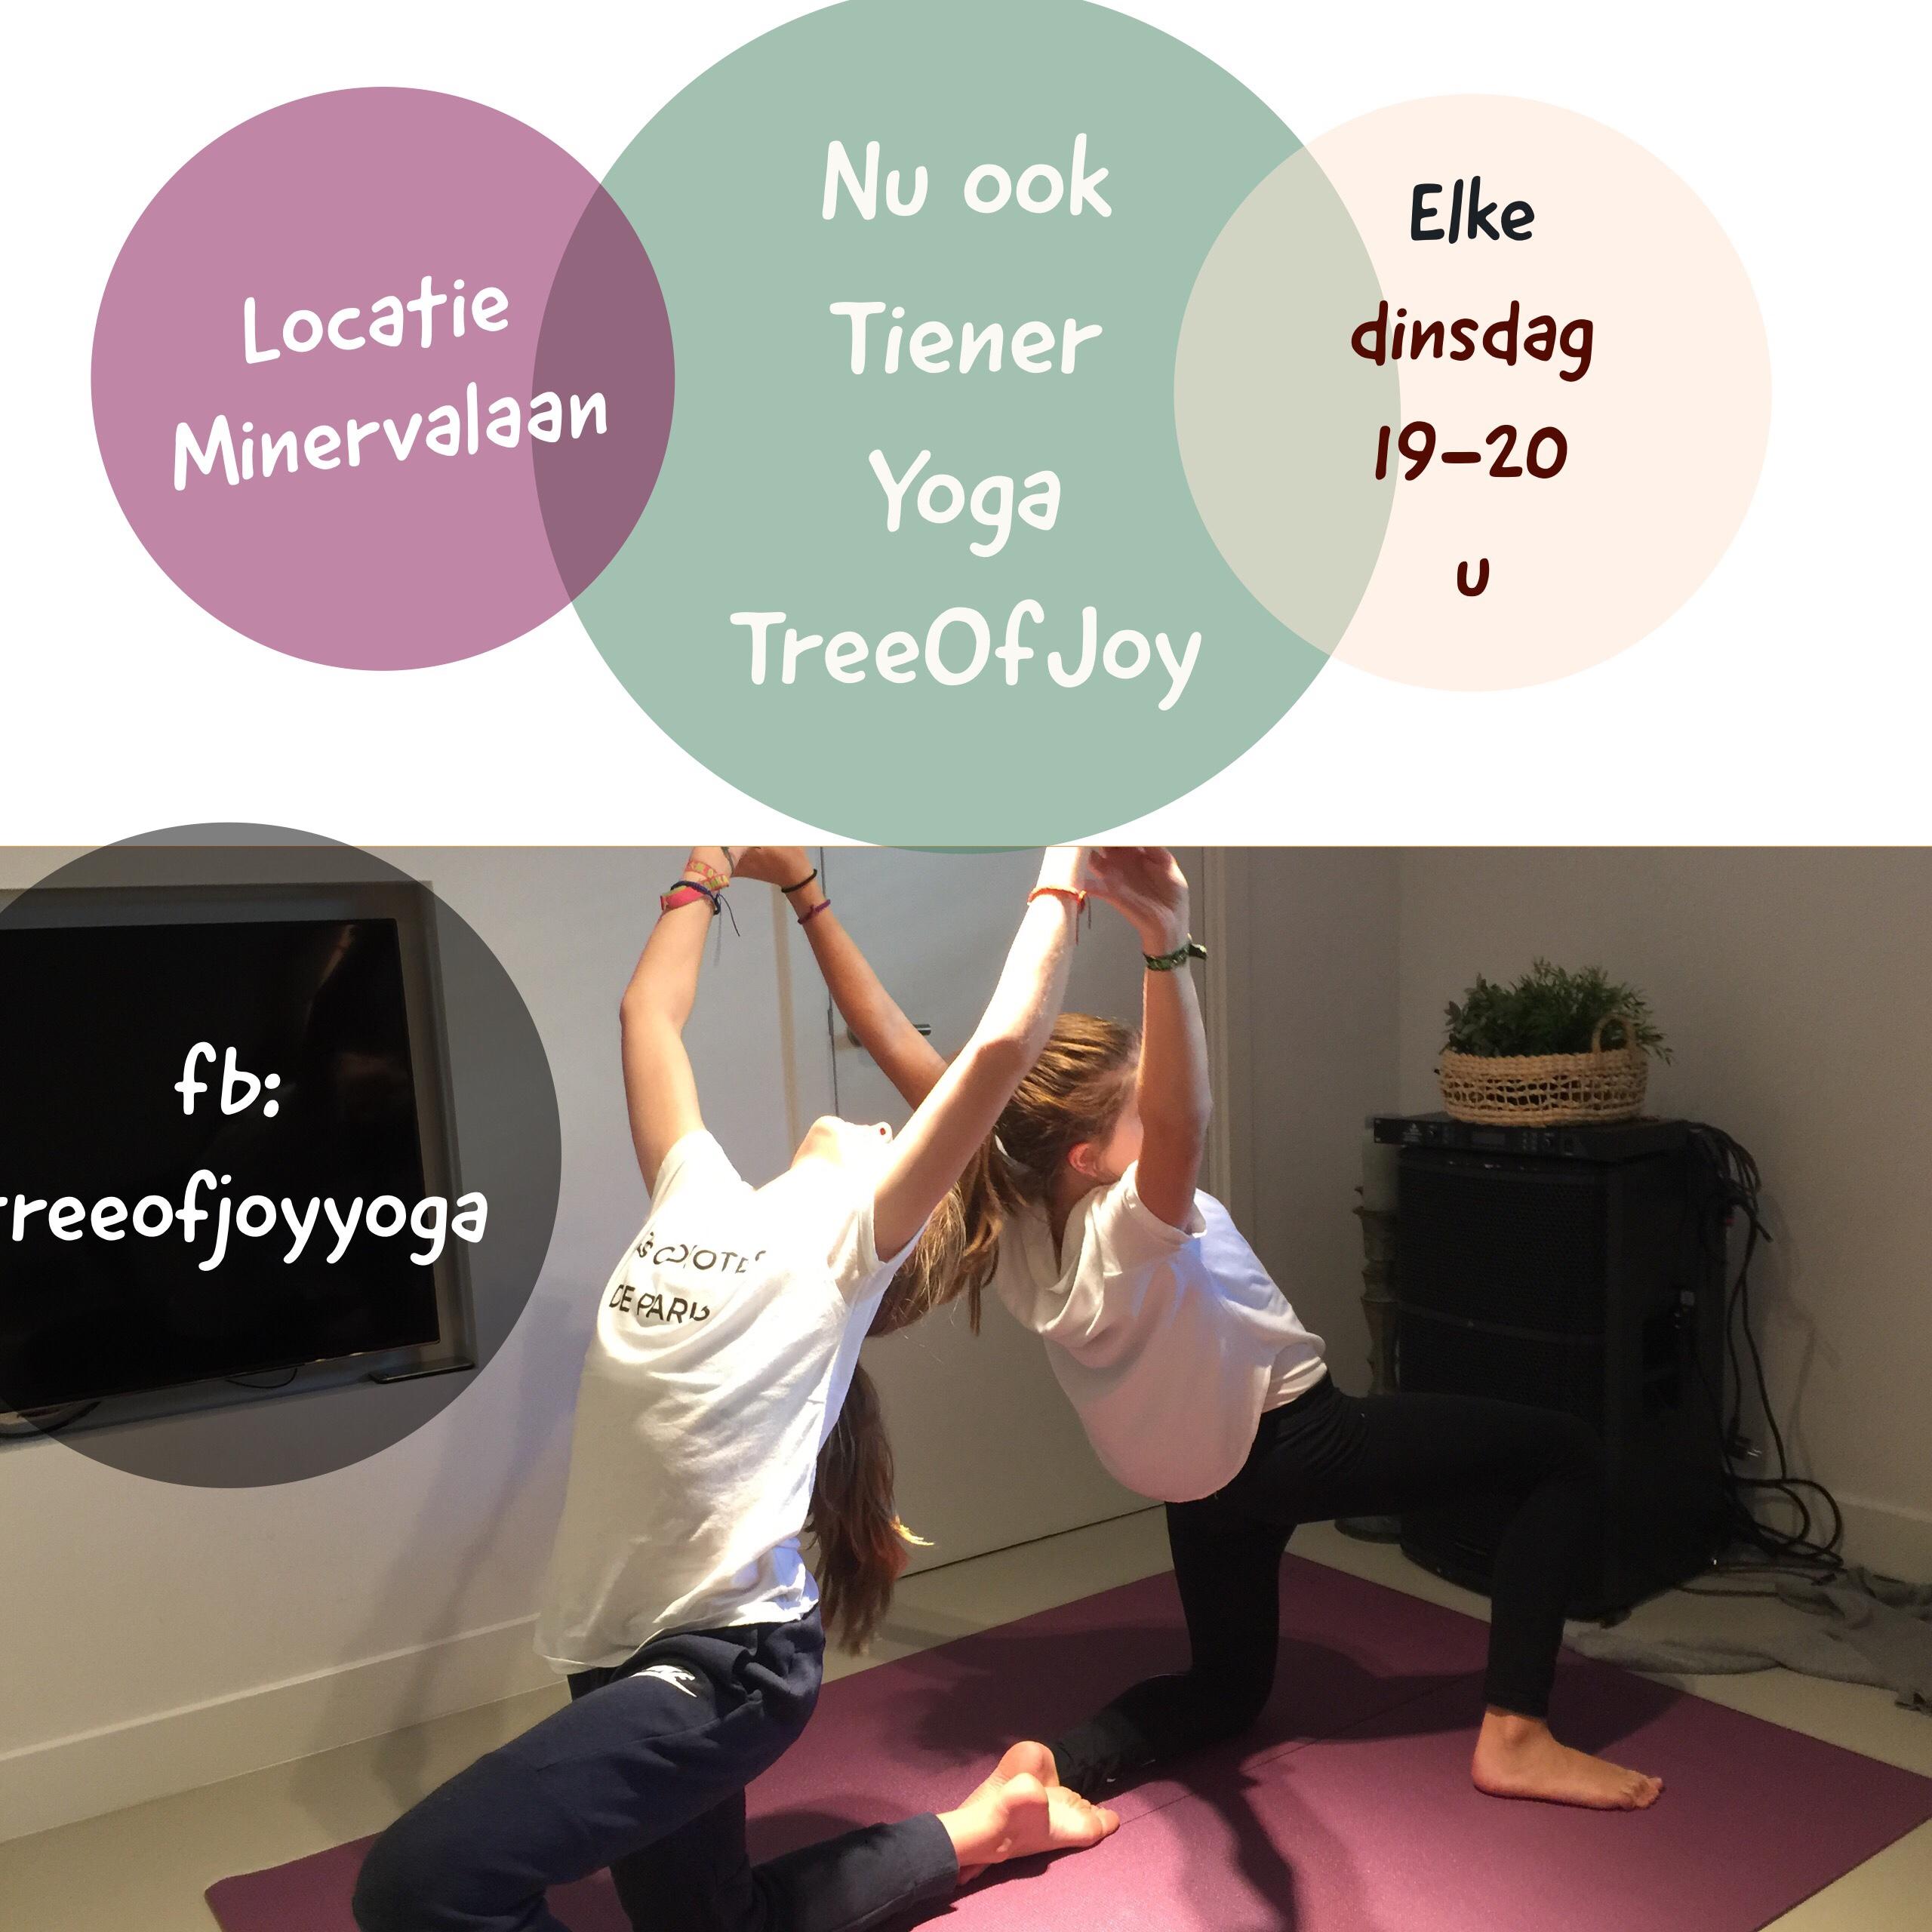 Nu ook TienerYoga in Amsterdam-Zuid